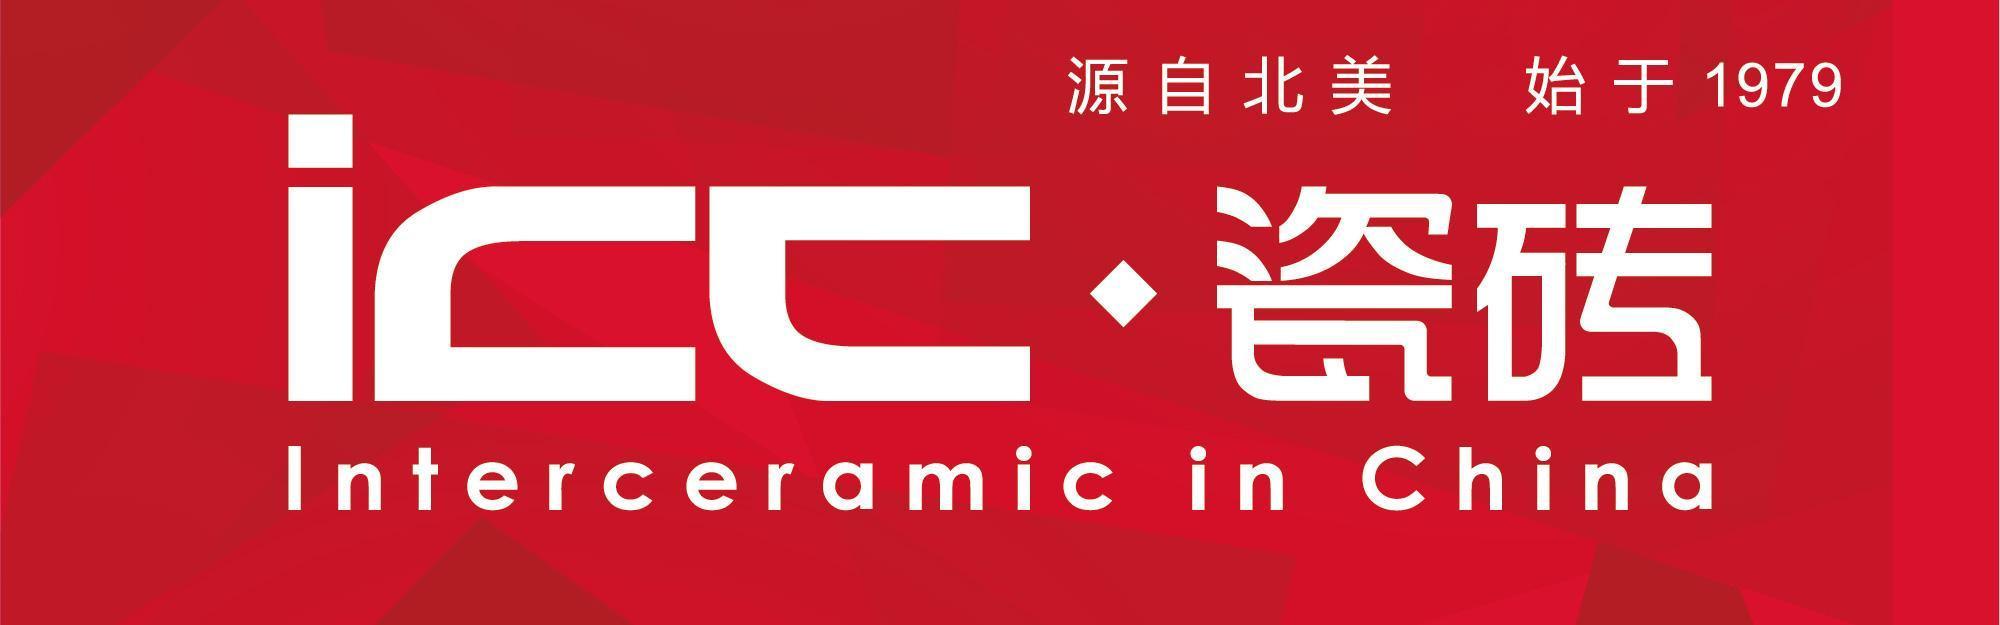 ICC瓷砖(郑州商都-建材)